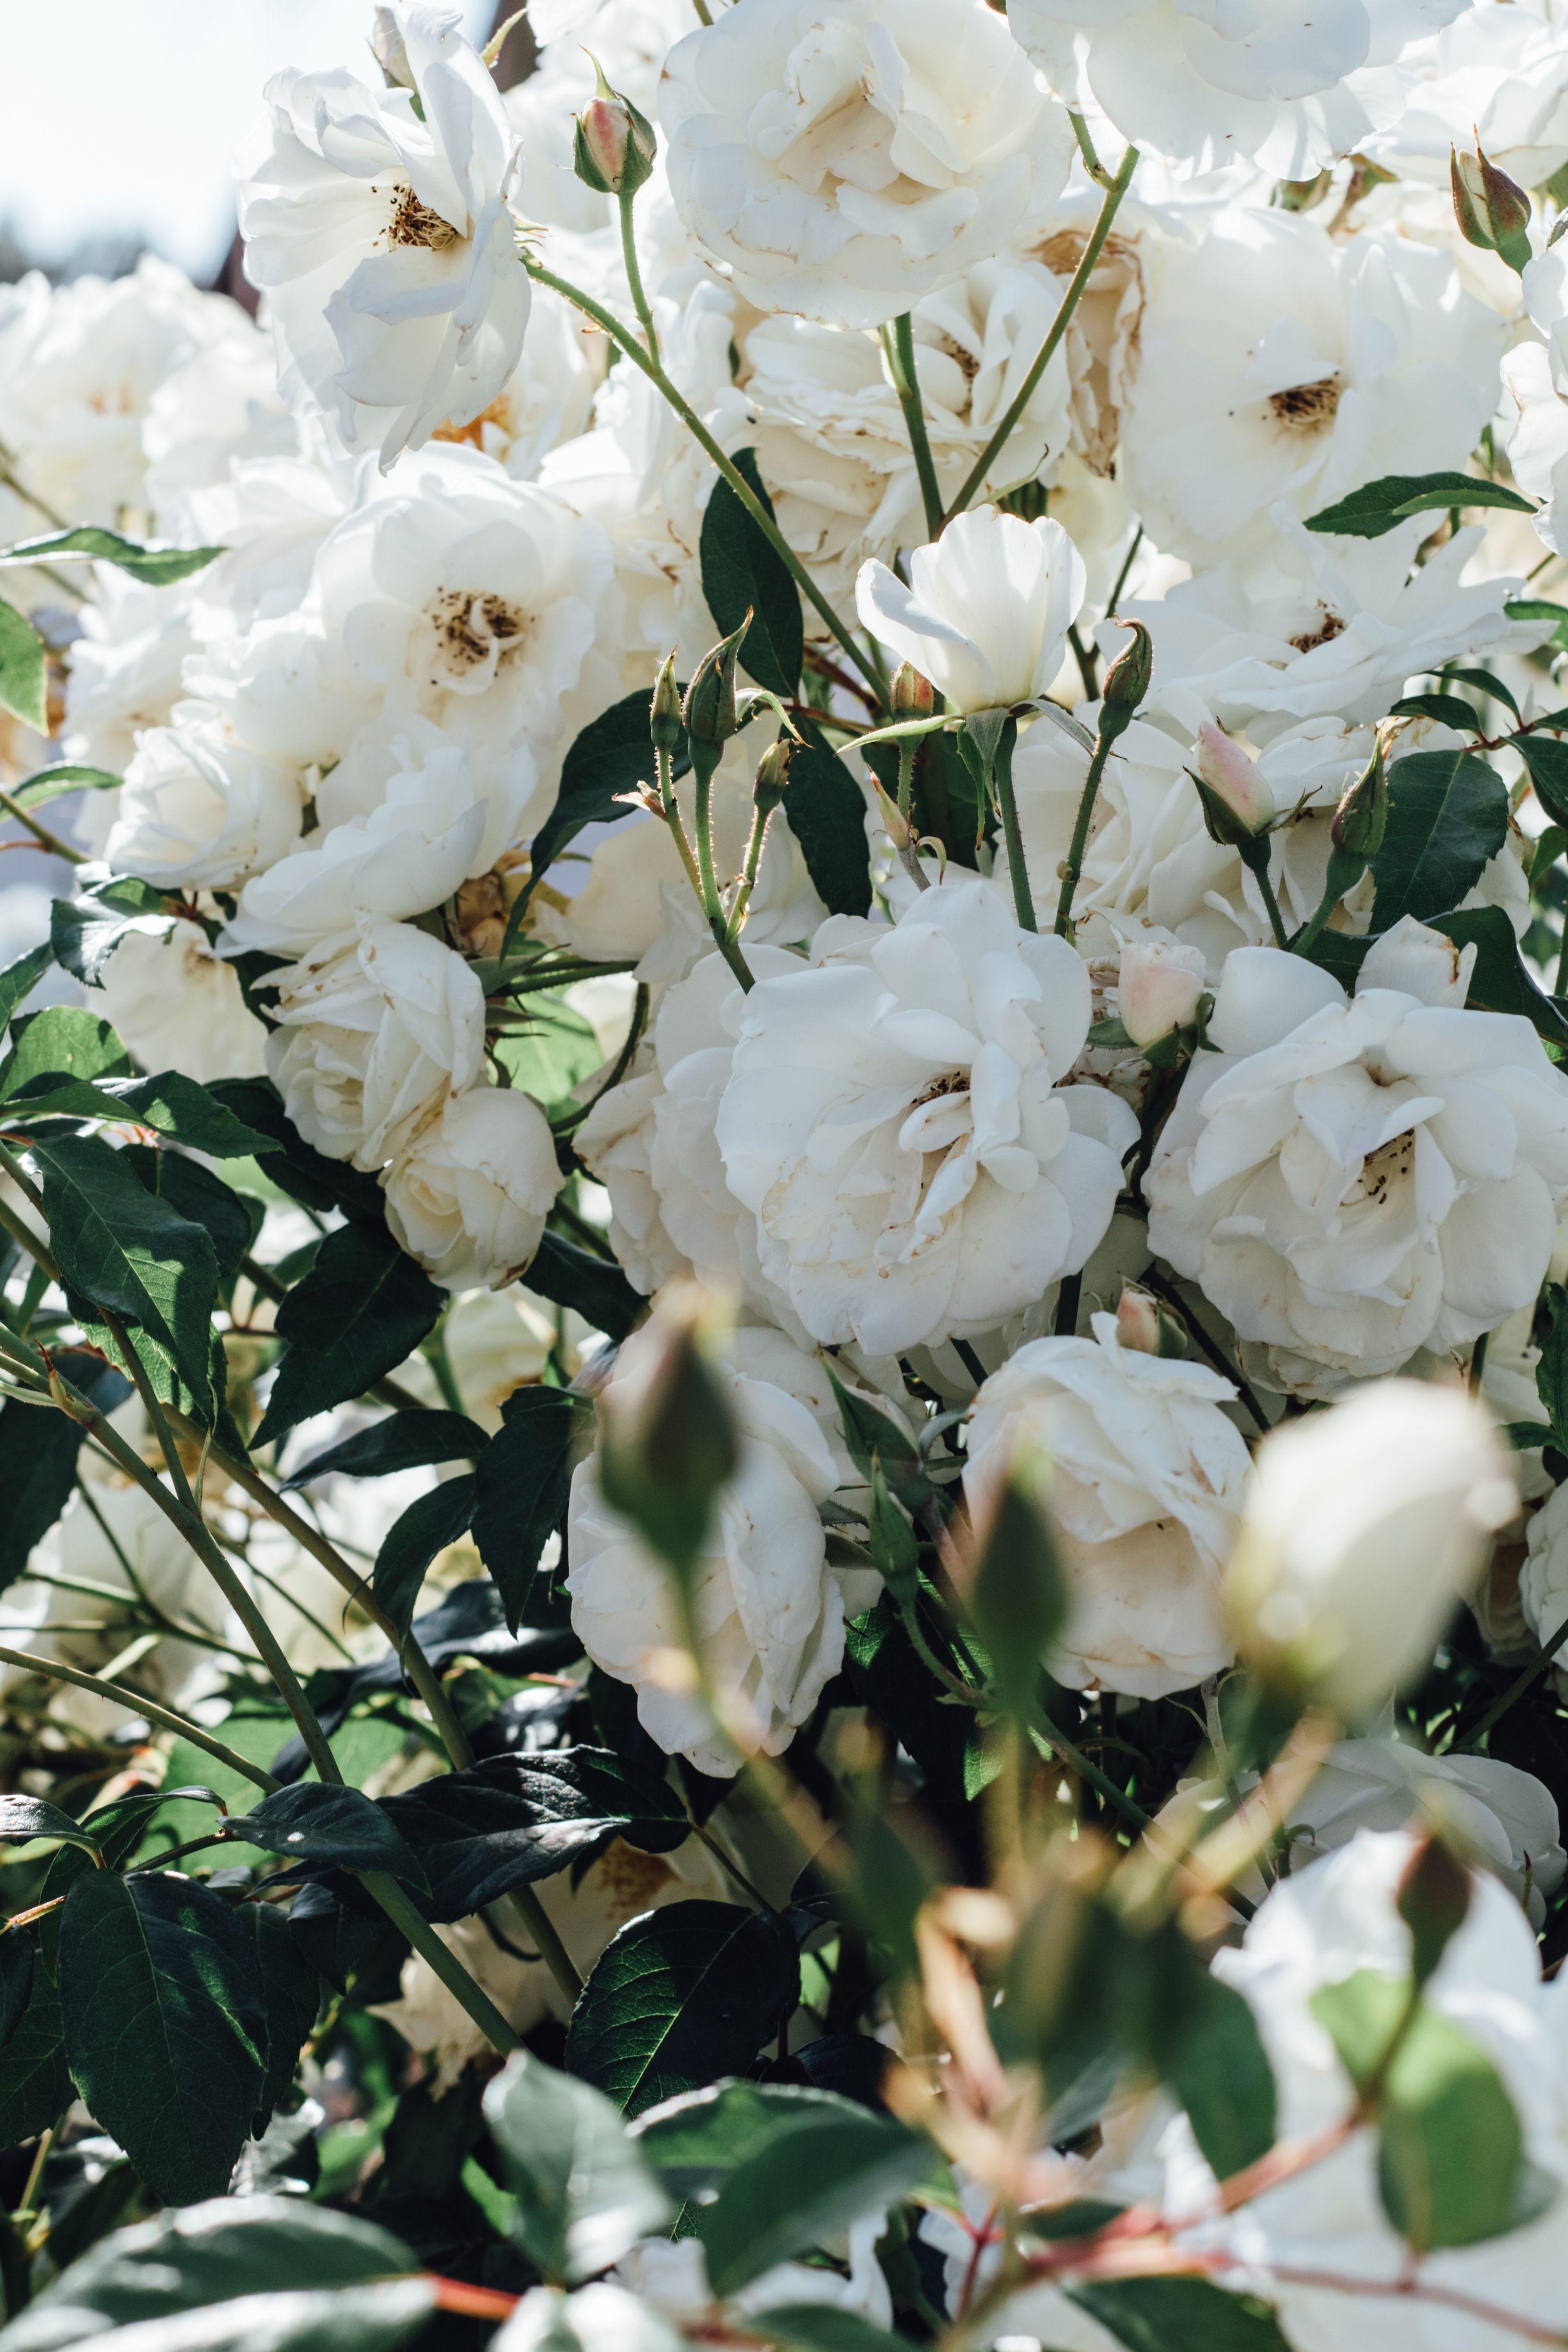 White Flowers Aesthetic Art Prints For Walls White Flower Wallpaper Flower Aesthetic Flower Wallpaper